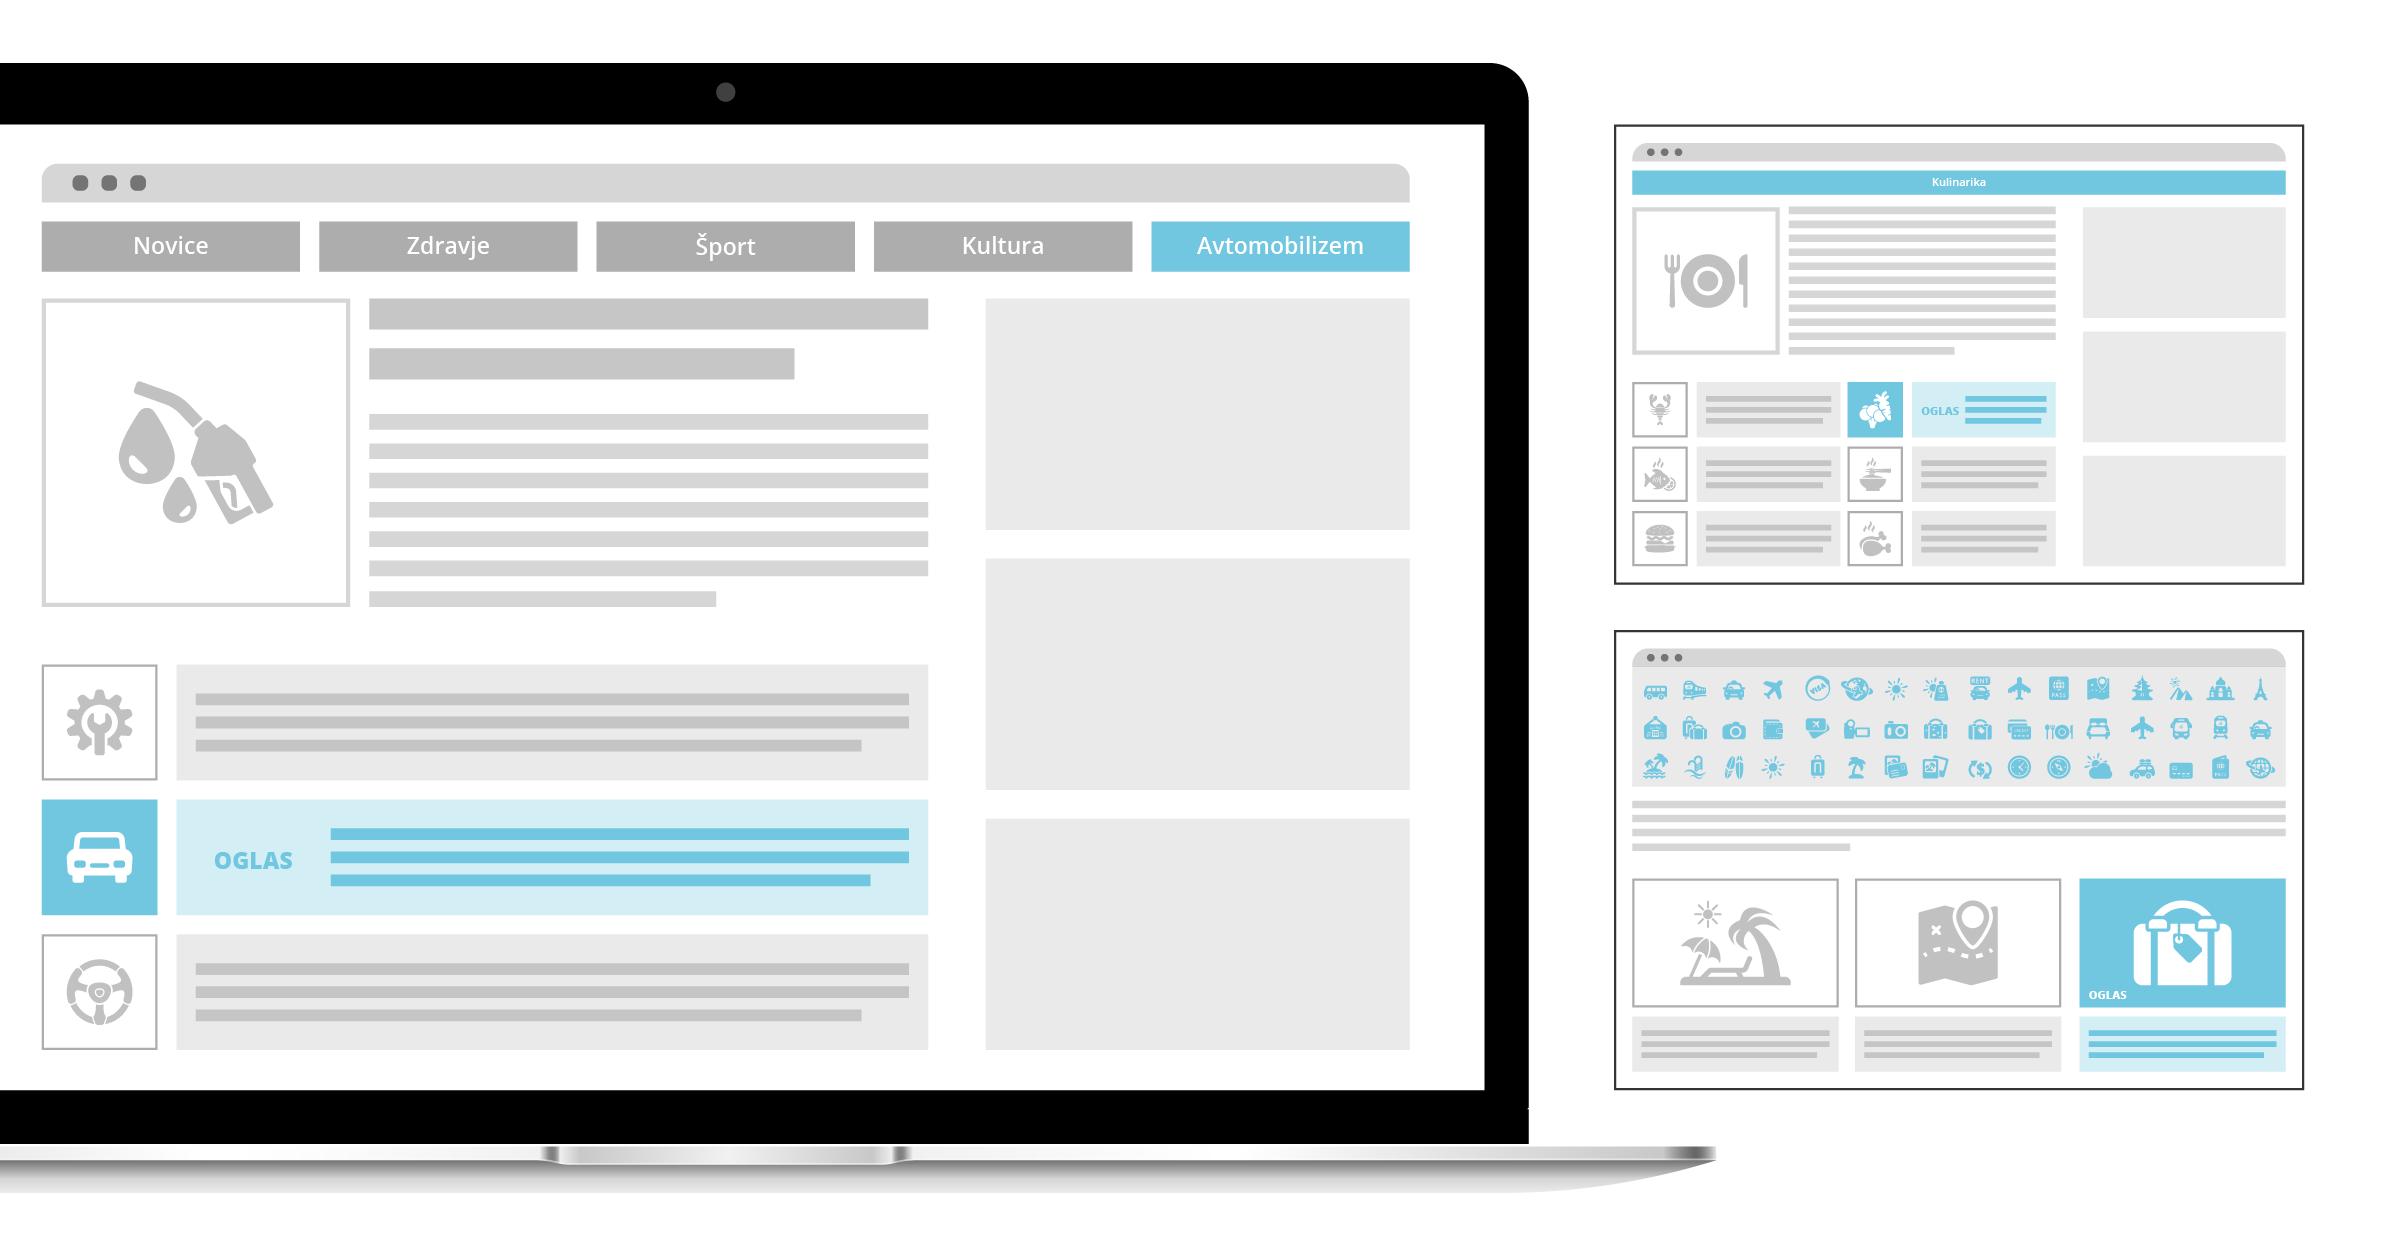 iPROM z novo generacijo semantičnega ciljanja, podprtega z globokim učenjem - iPROM - Sporočilo za medije - Share